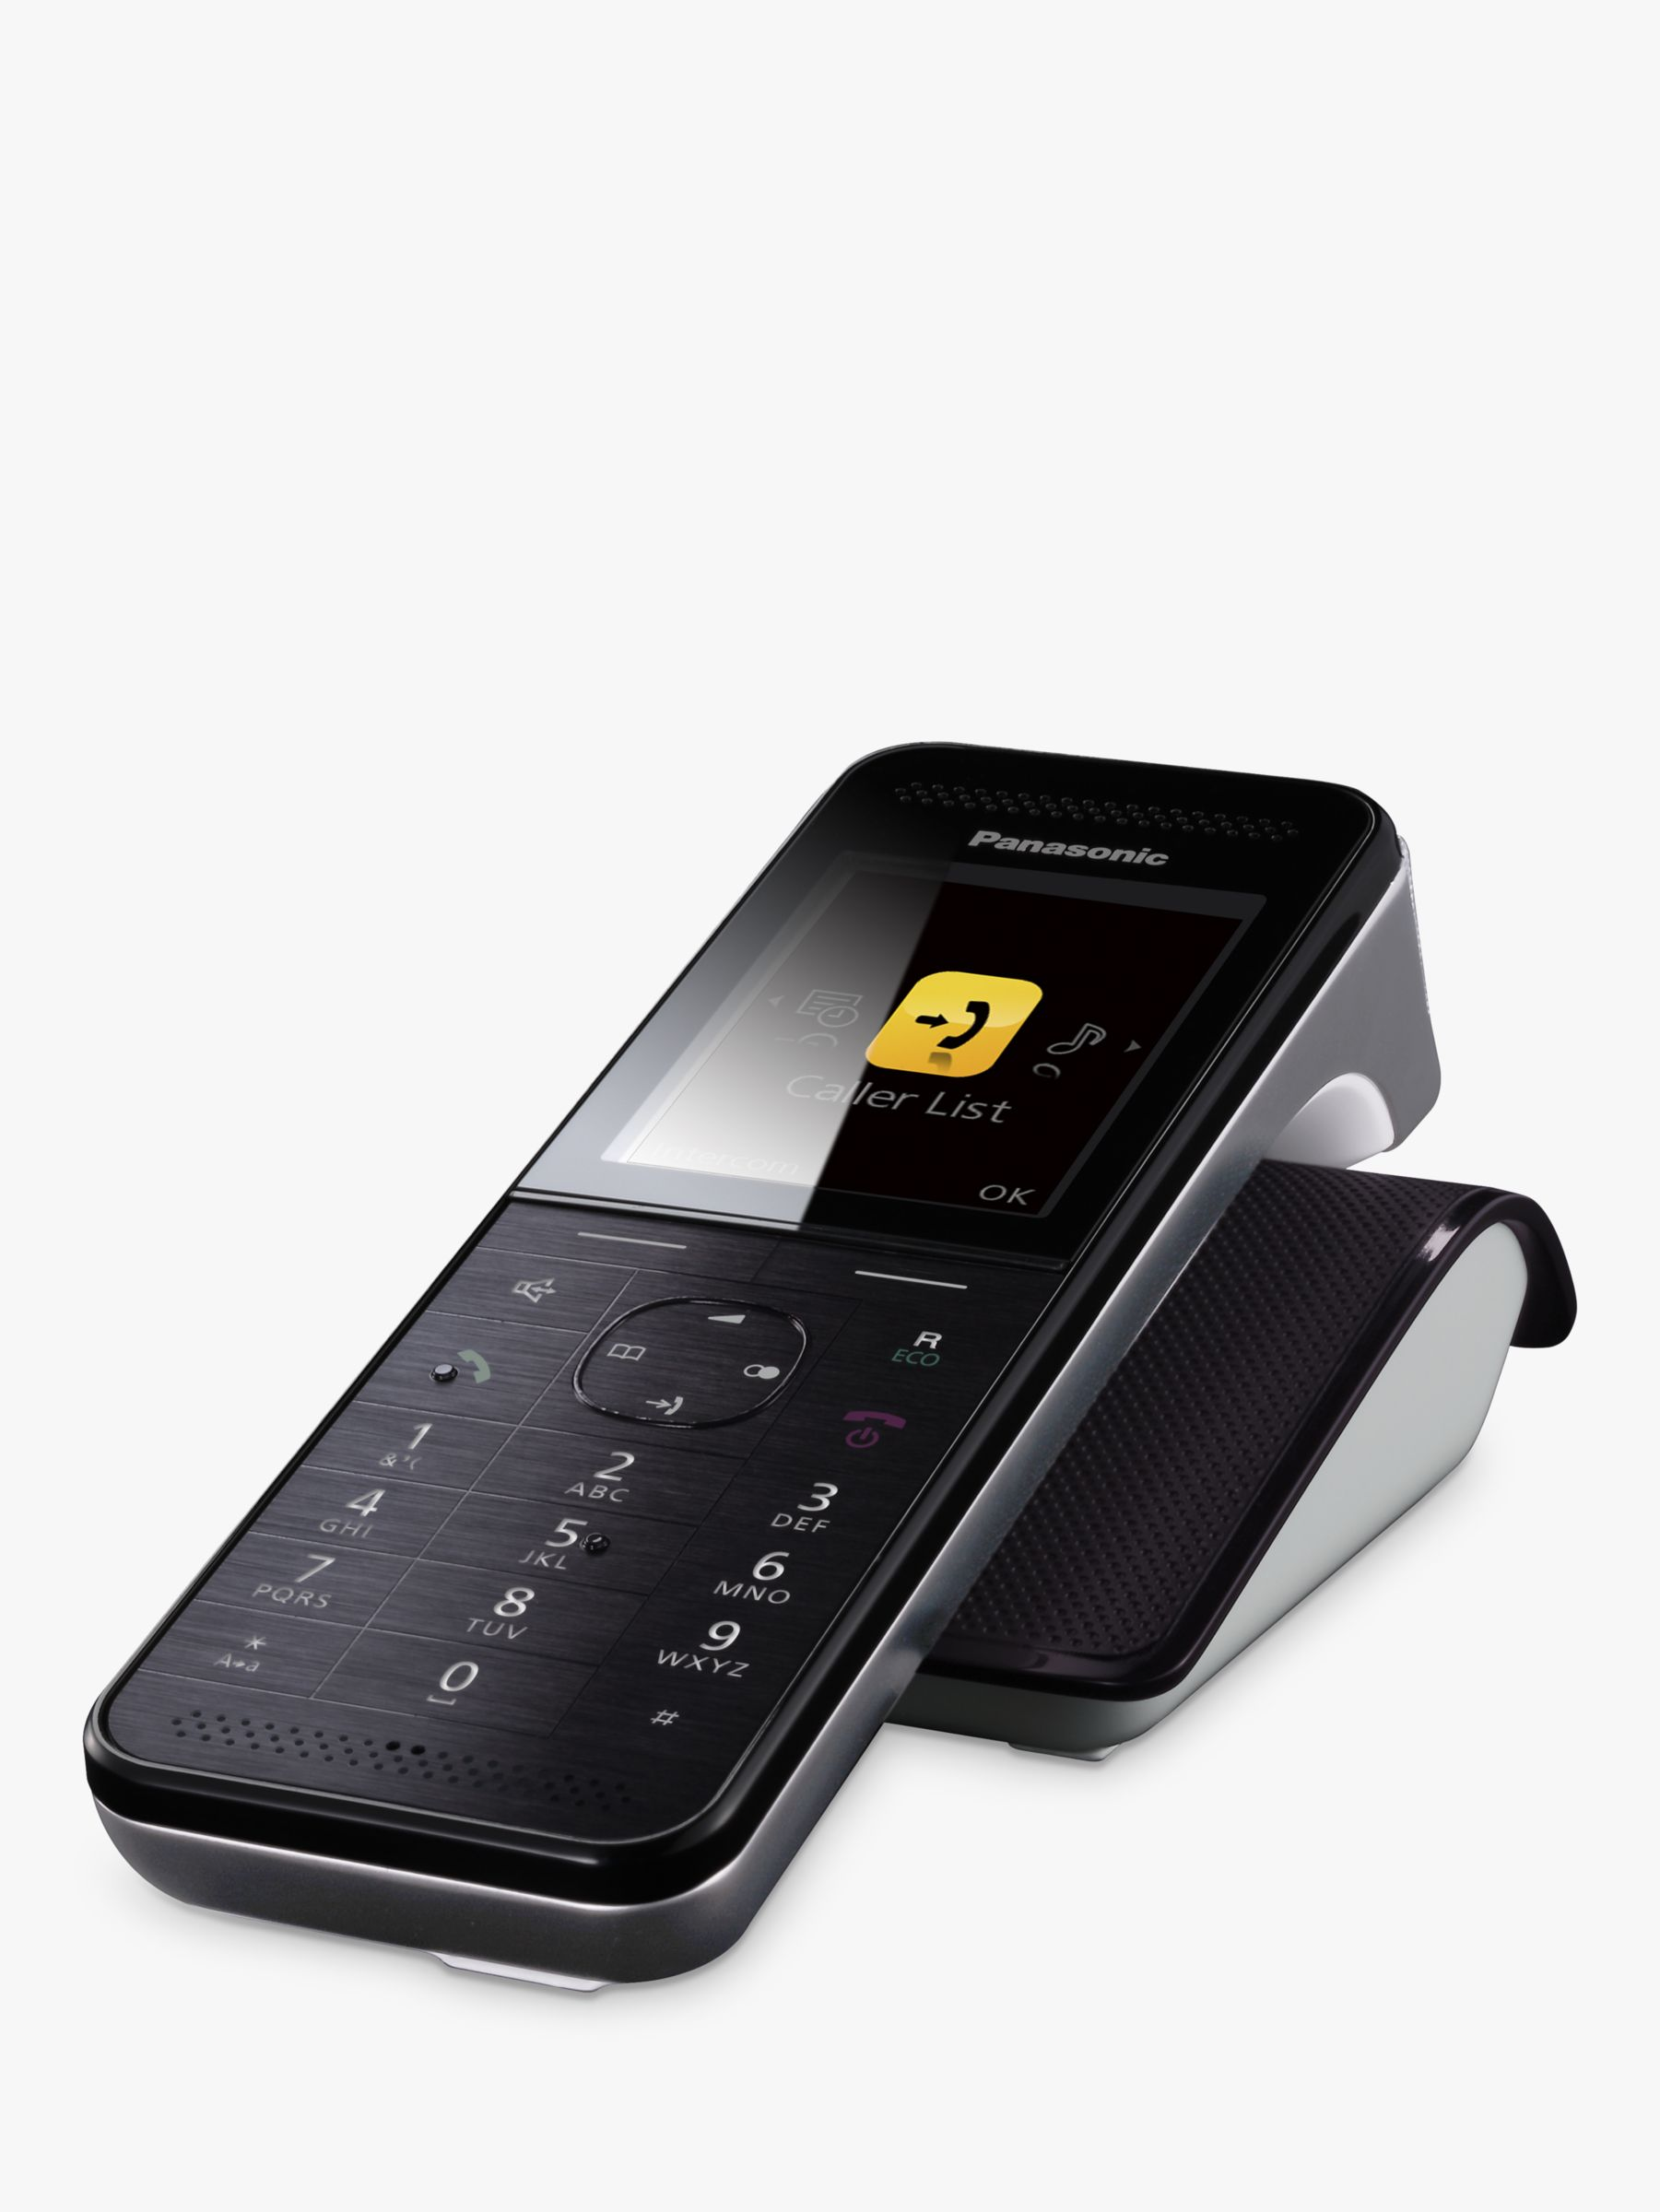 Panasonic Panasonic KX-PRWA10EW, Additional Handset for Panasonic PRW-120 with Smartphone Connect